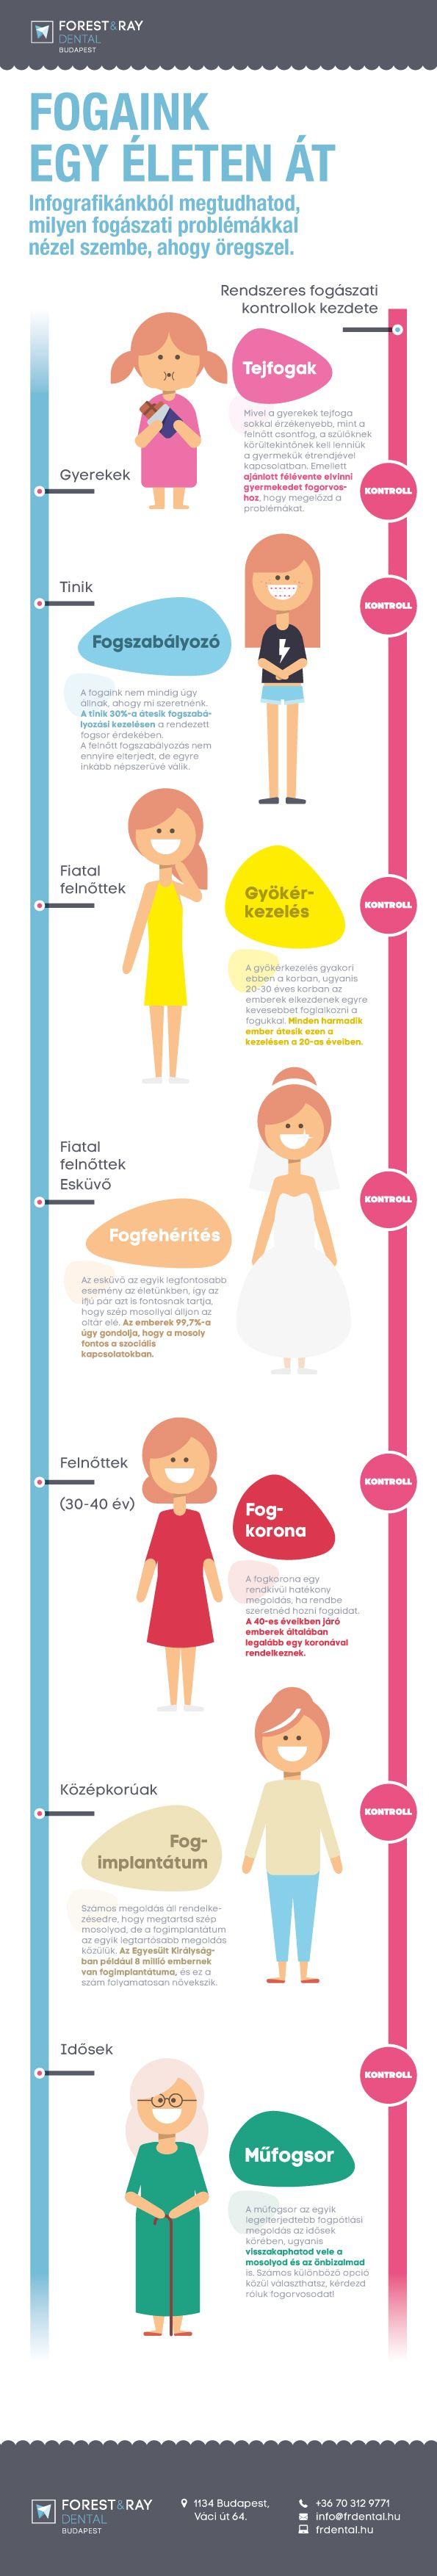 A fogaink minden életszakaszban más törődést igényelnek. Infografikánkból megtudhatod, milyen kezelések jellemzőek az életkorodra. #fogorvos #fogászat #fog #öregedés